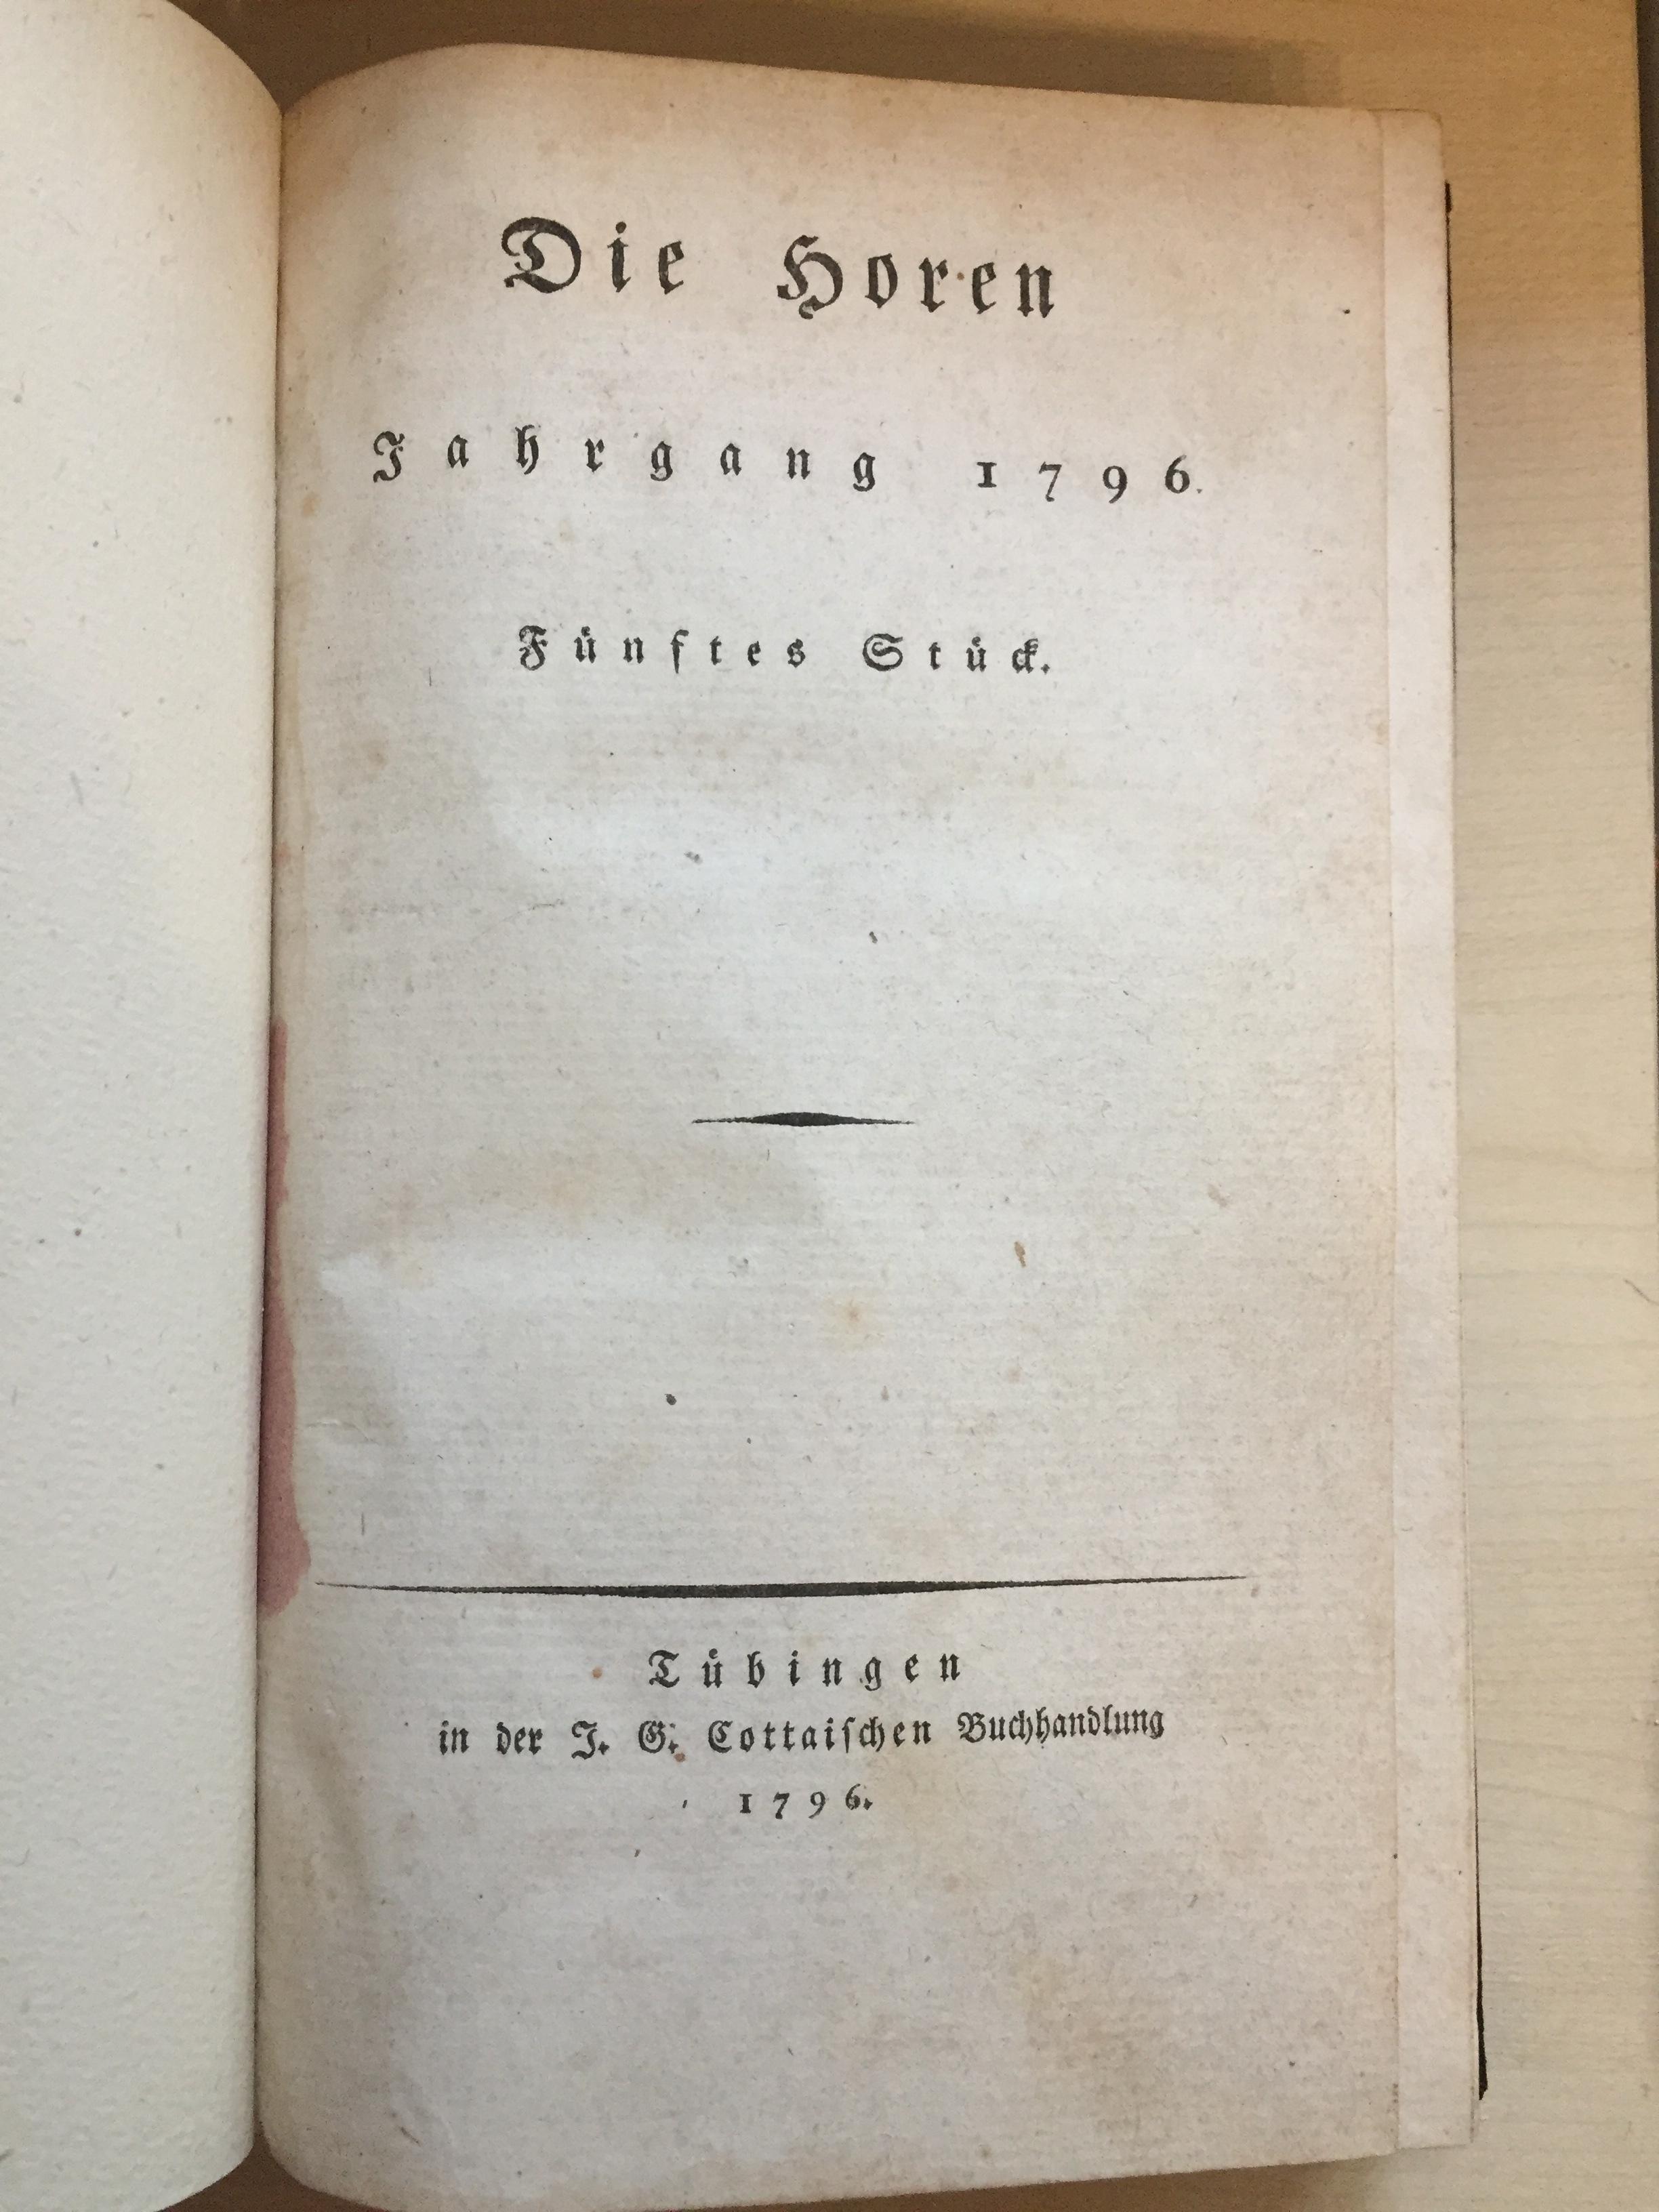 Die horen , jahrgang 1796